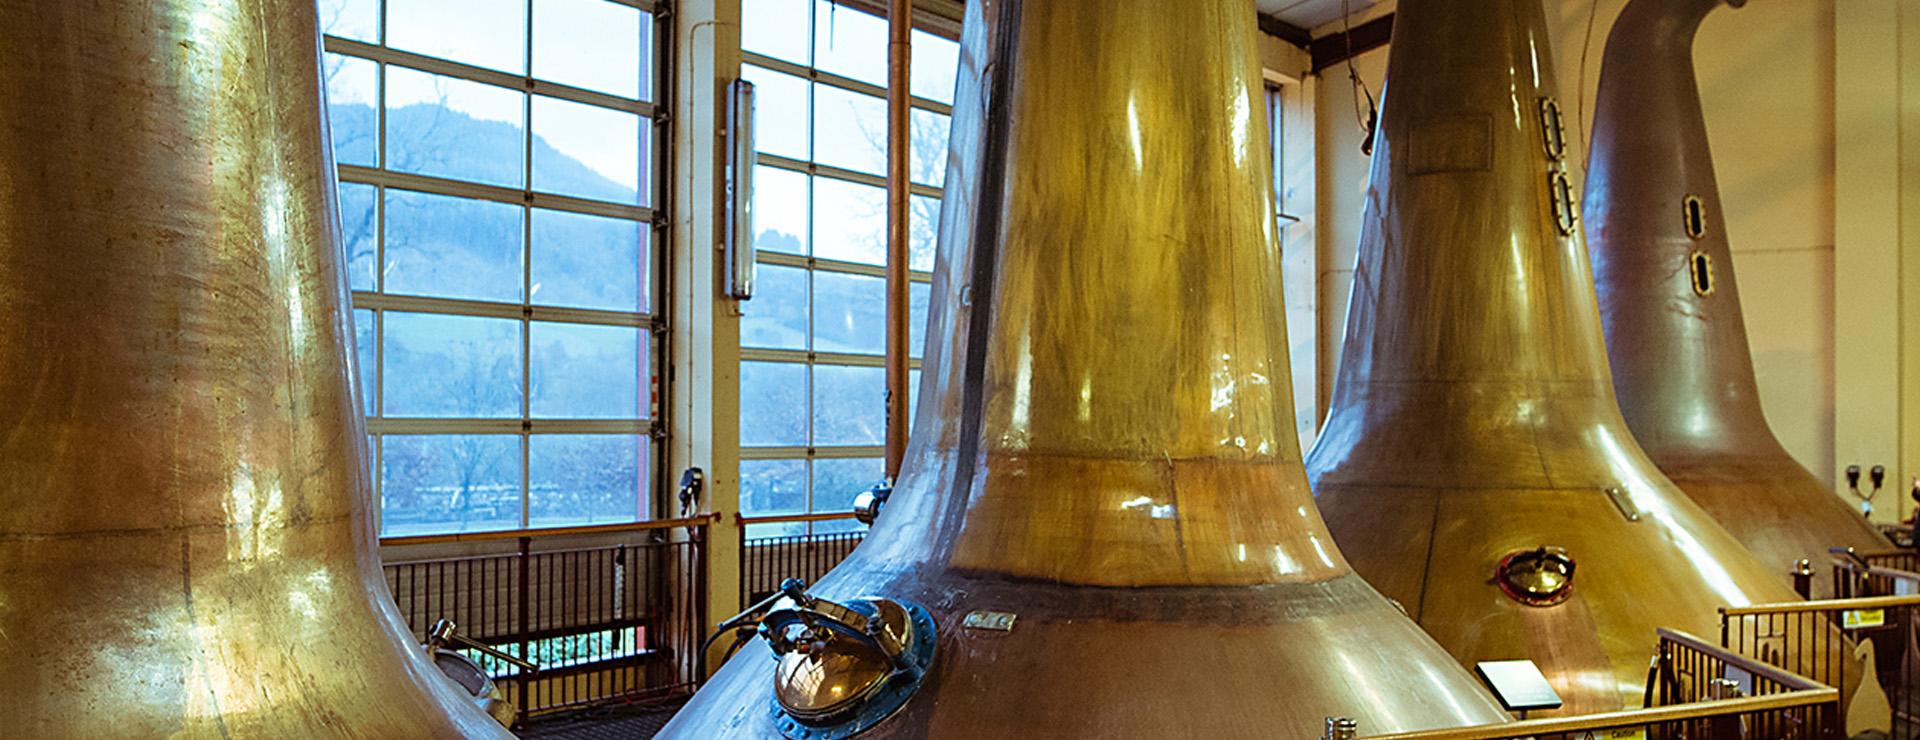 Copper pot stills on the distillery tour at Dewar's Aberfeldy Distillery